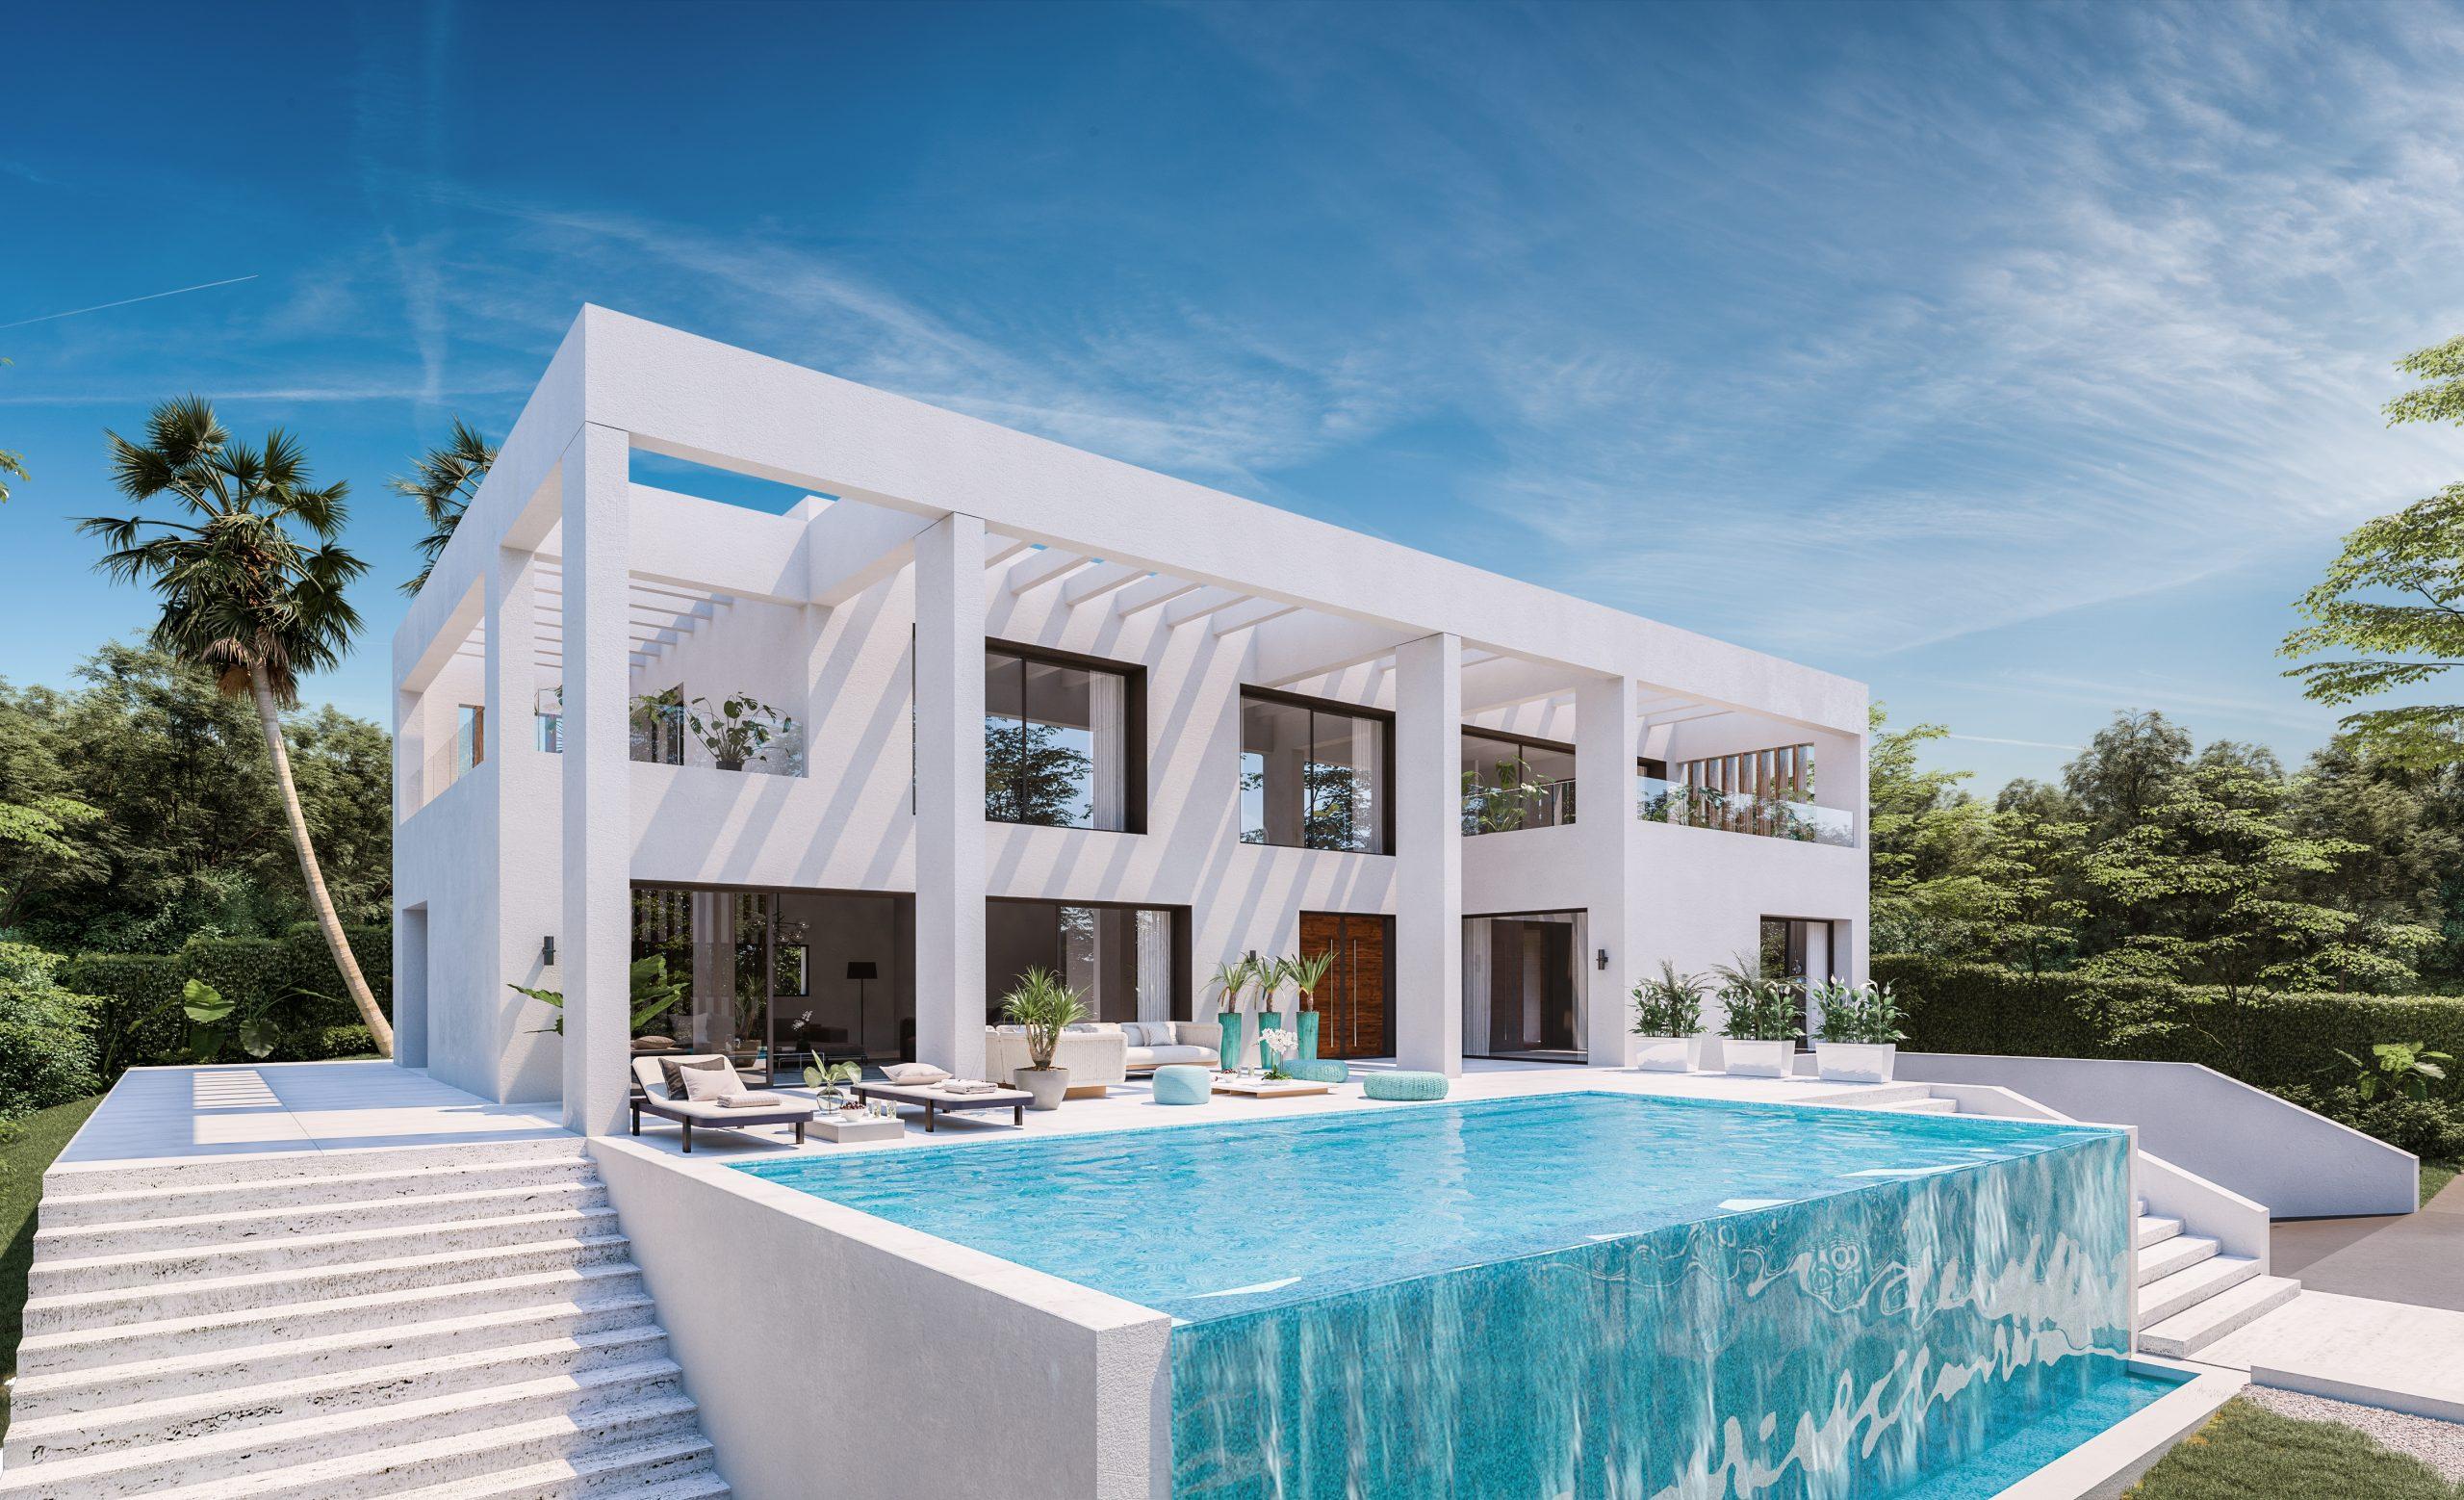 Projet d'habitation modulaire en béton entièrement privé